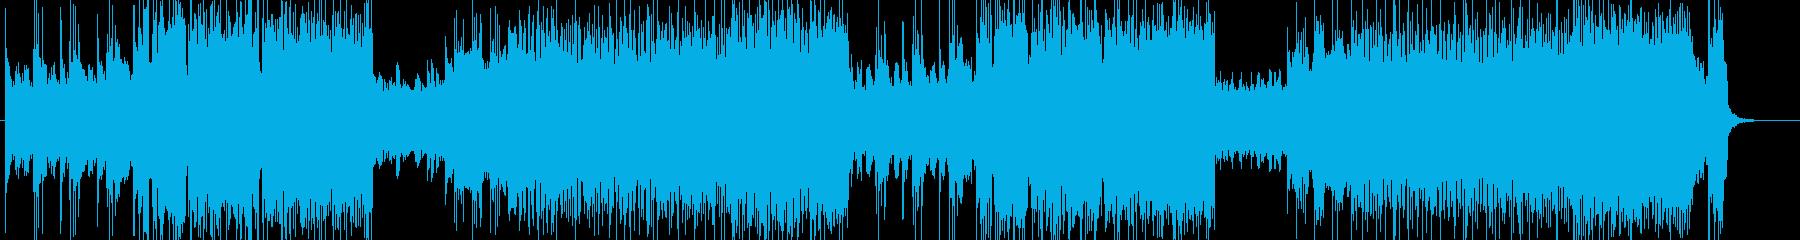 「HR/HM」「DEATH」BGM161の再生済みの波形